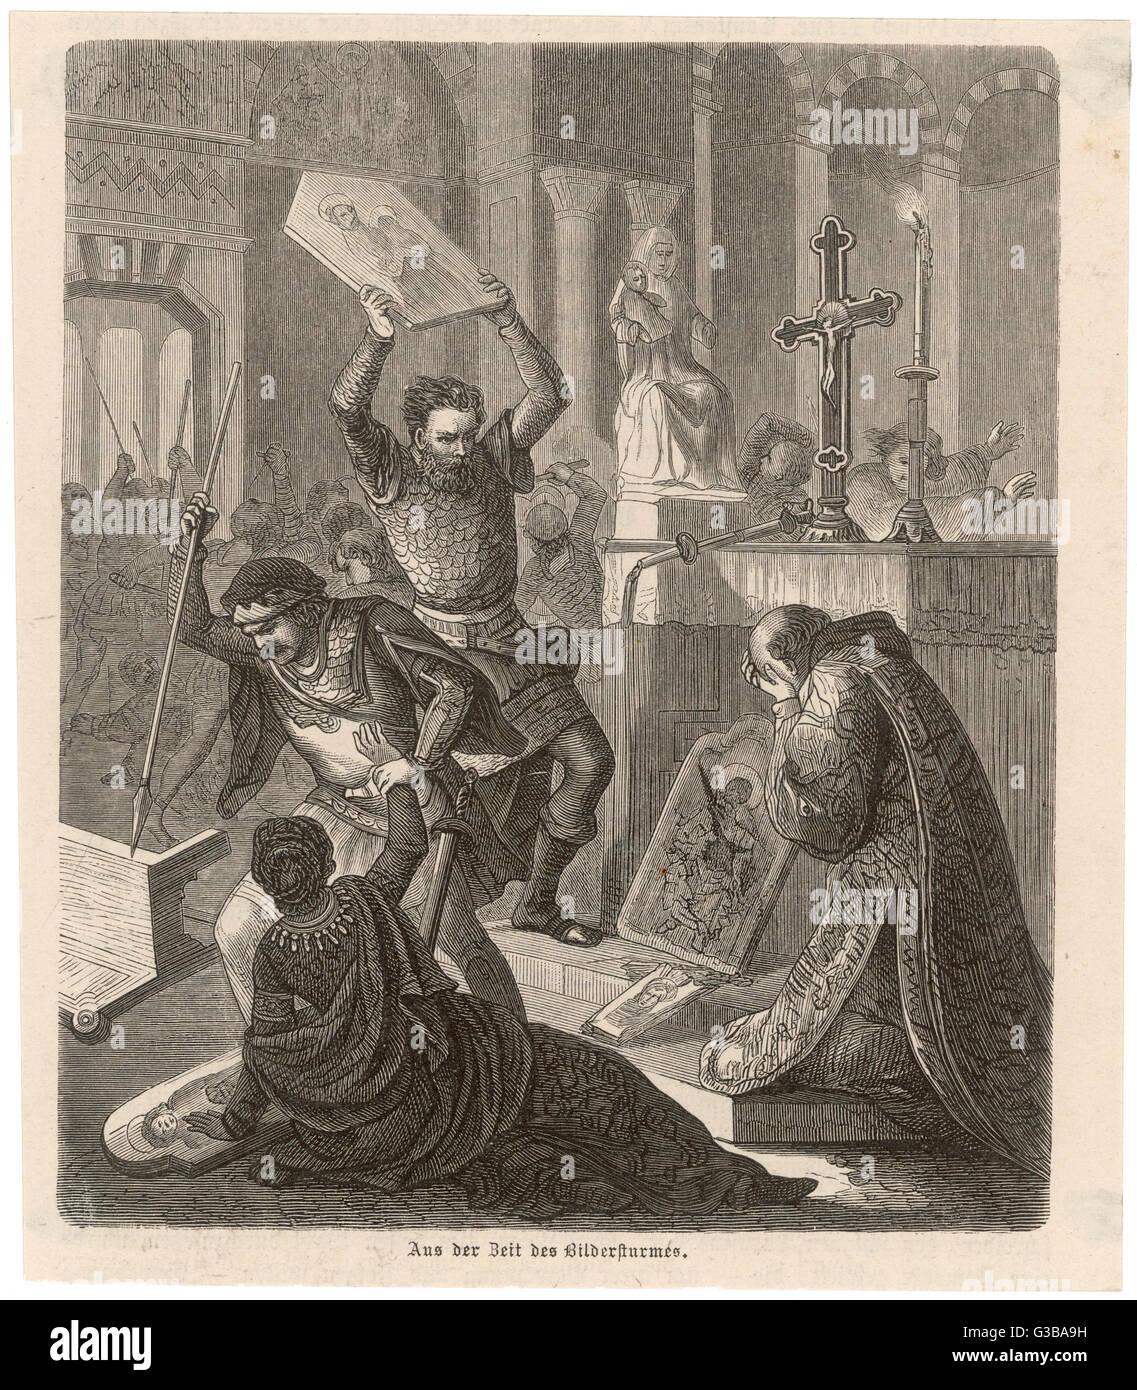 Iconoclastes détruire l'image religieuse dans l'Empire byzantin. Date: vers 736 Photo Stock